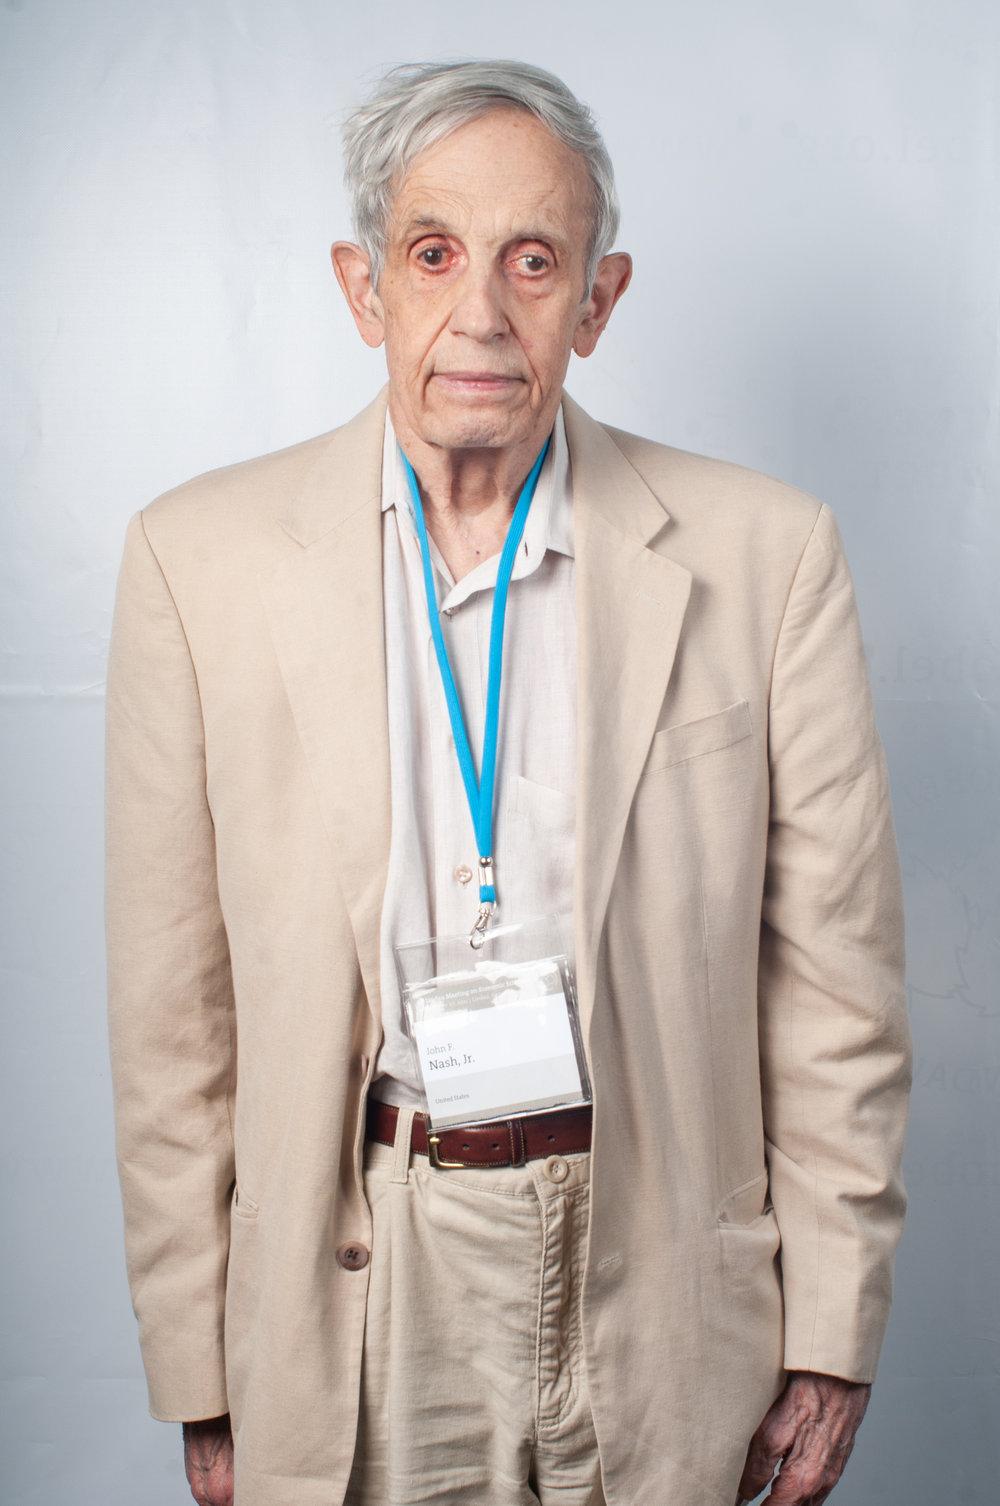 John Nash, August 2011